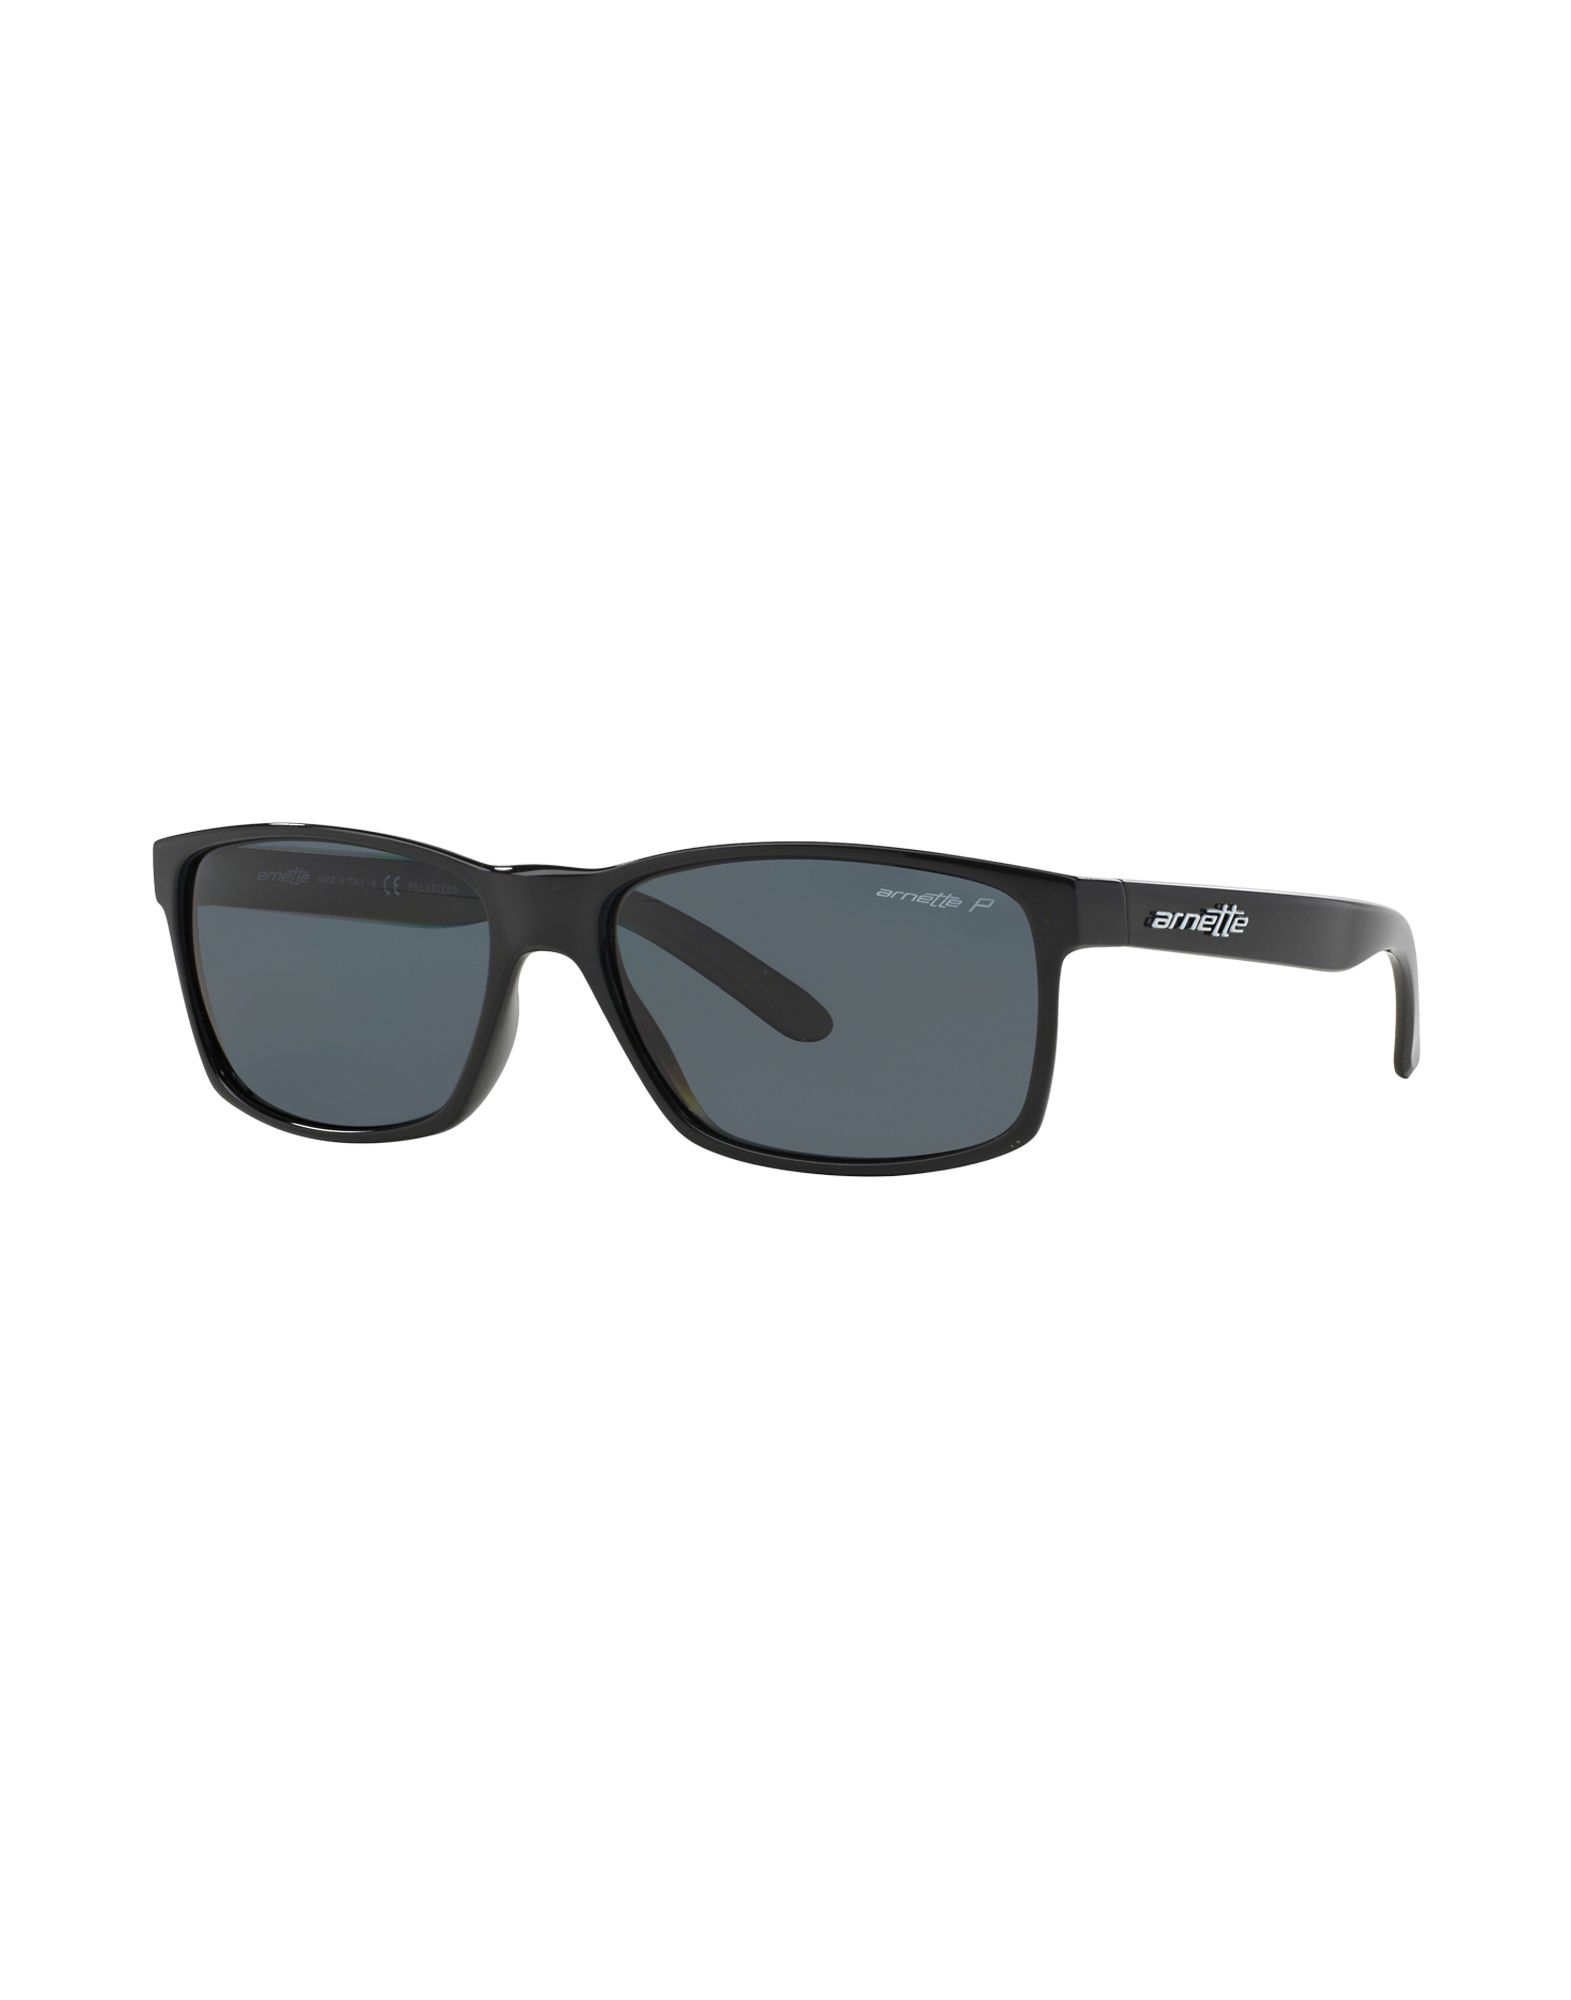 ARNETTE Herren Sonnenbrille Farbe Schwarz Größe 1